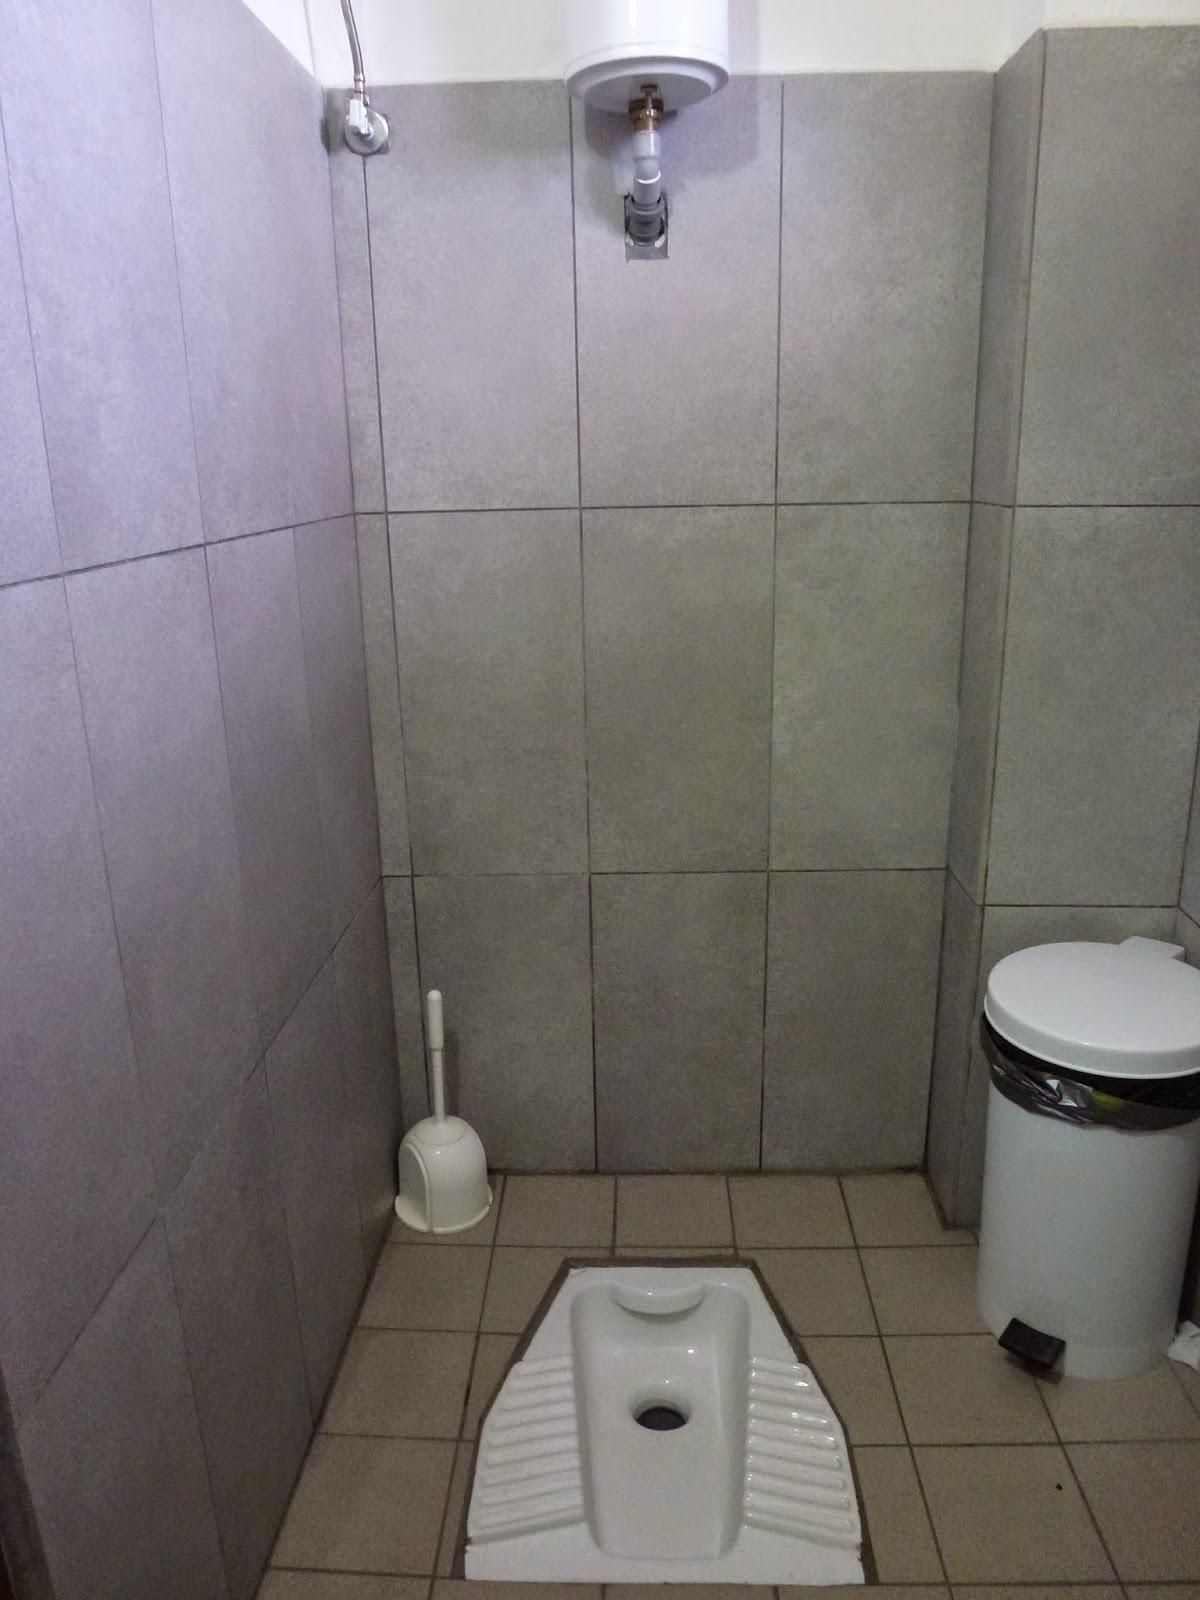 Menschliche Toilette oder Allesschlucker gesucht